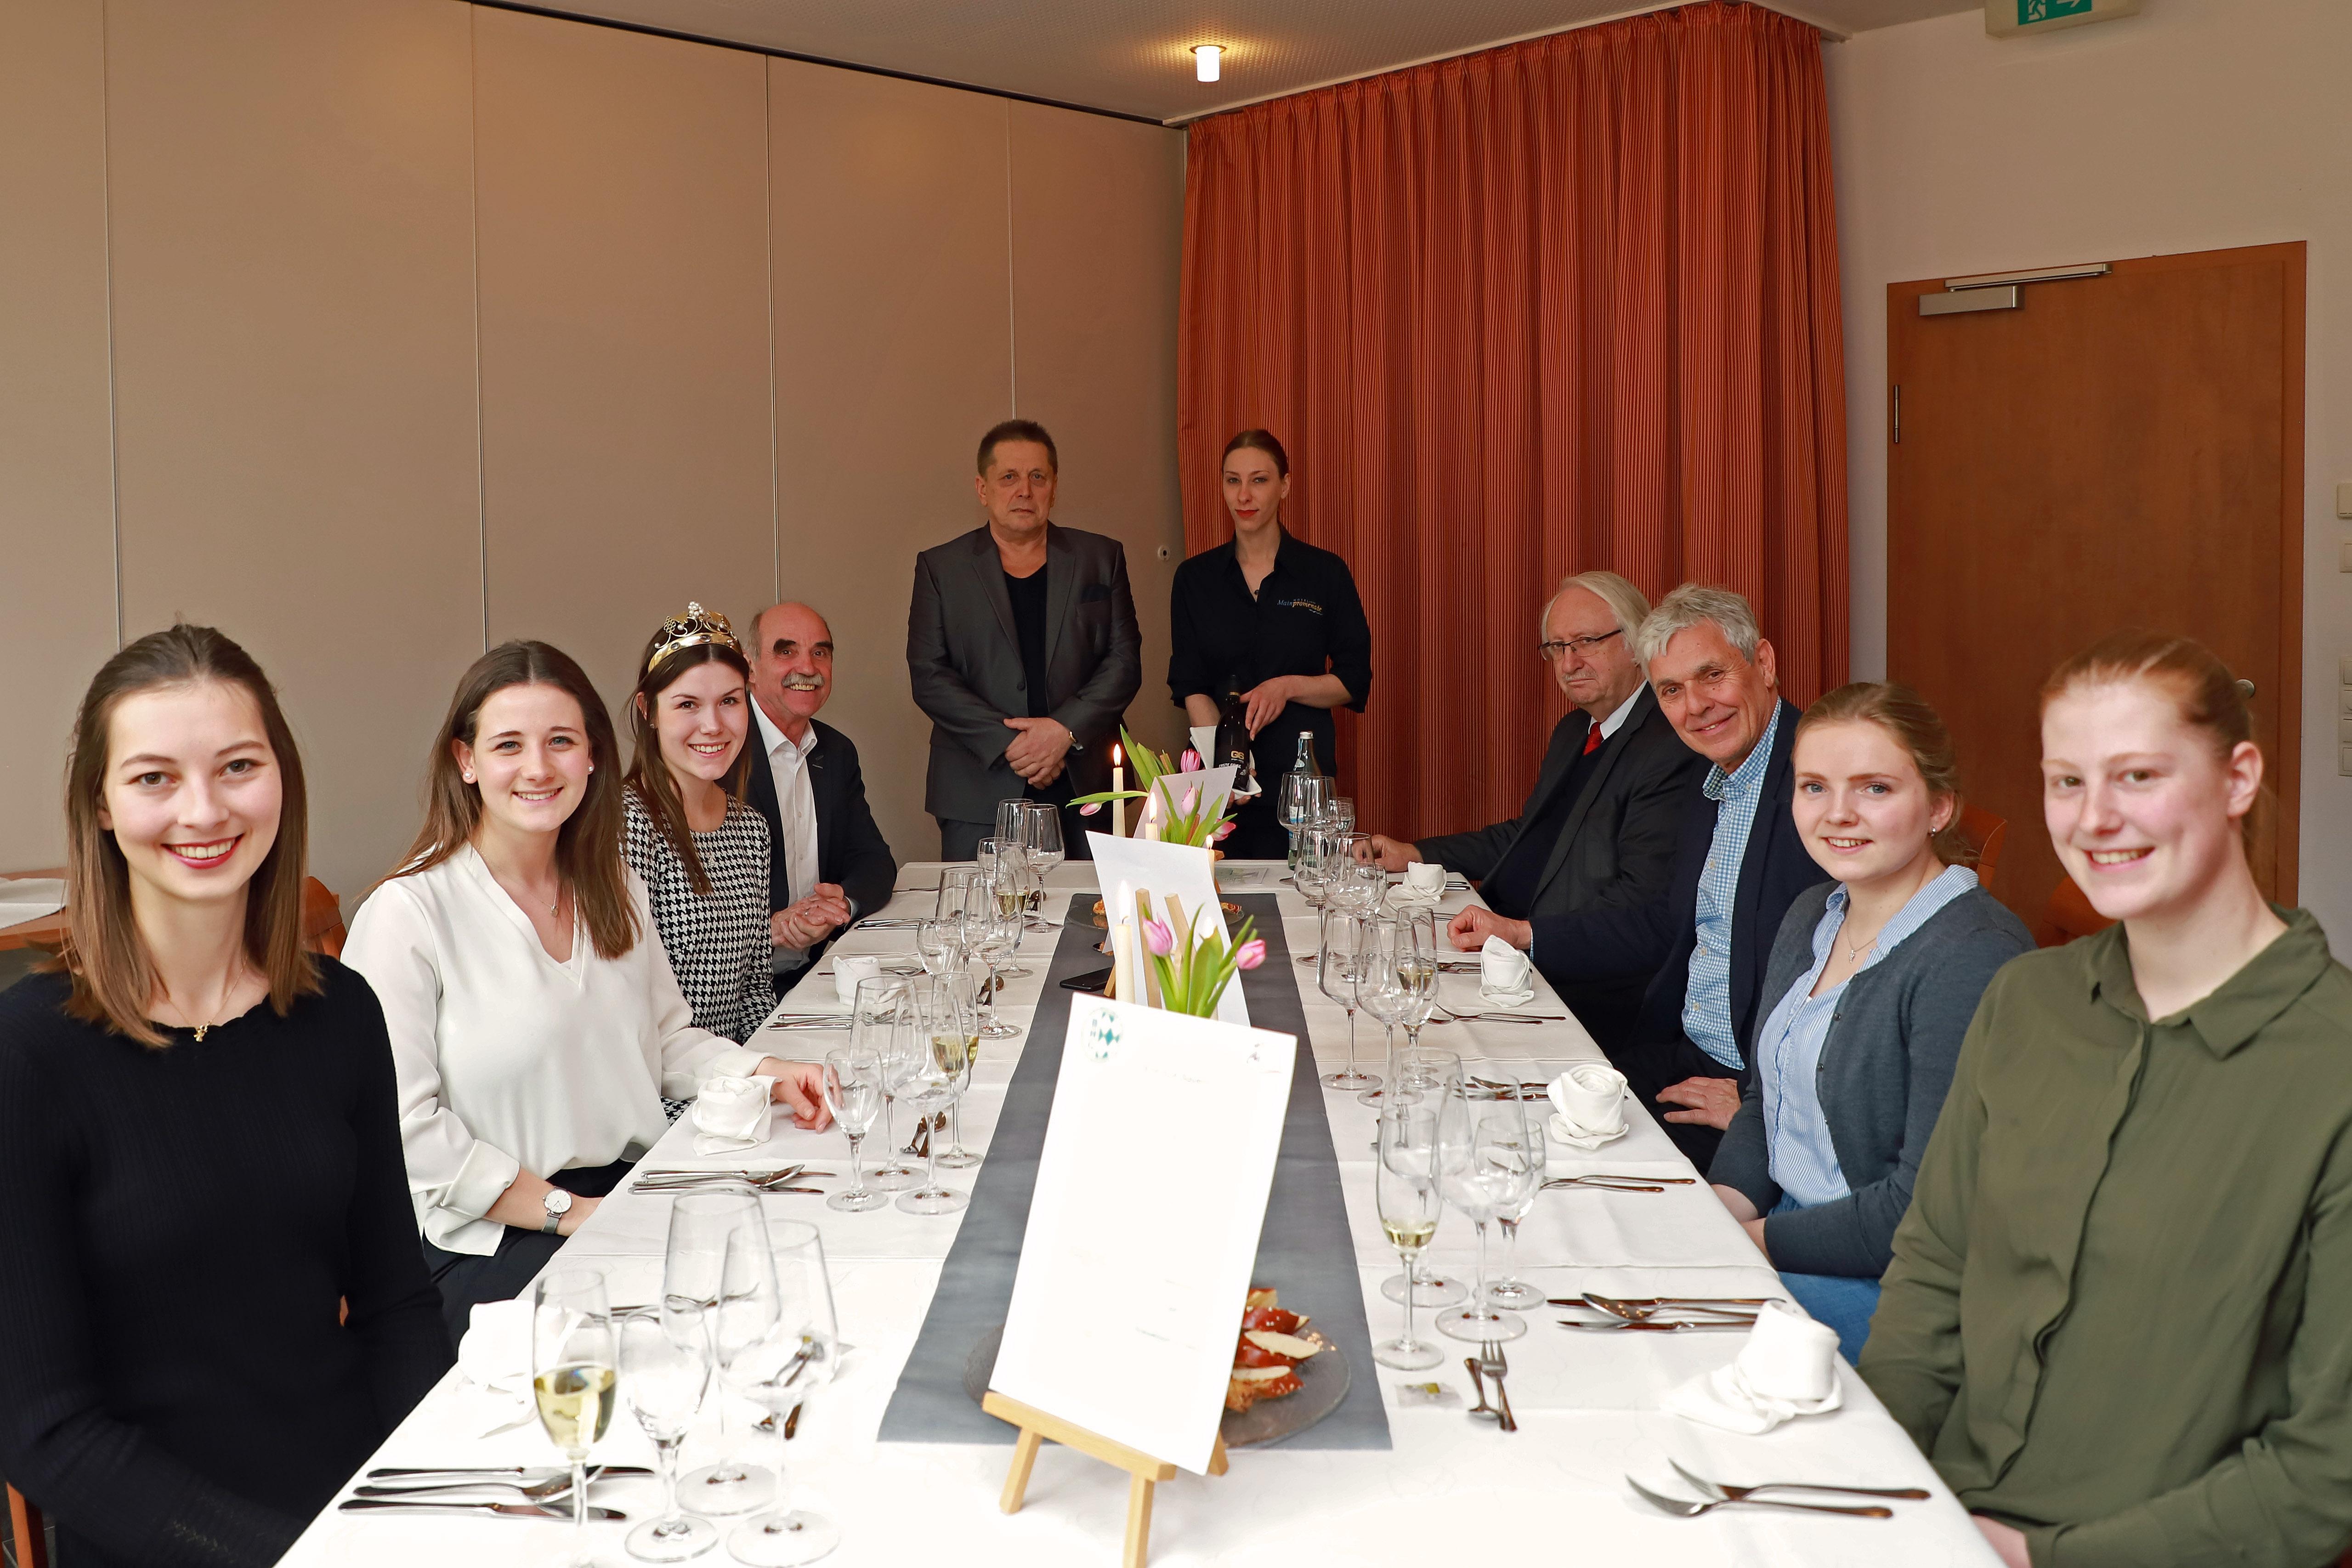 DEHOGA Schulung für die Bewerberin für die Wahl der Fränkischen Weinkönigin am 20. März 2020 in Karlstadt. Frankenwein und Gastronomie passen zusammen.